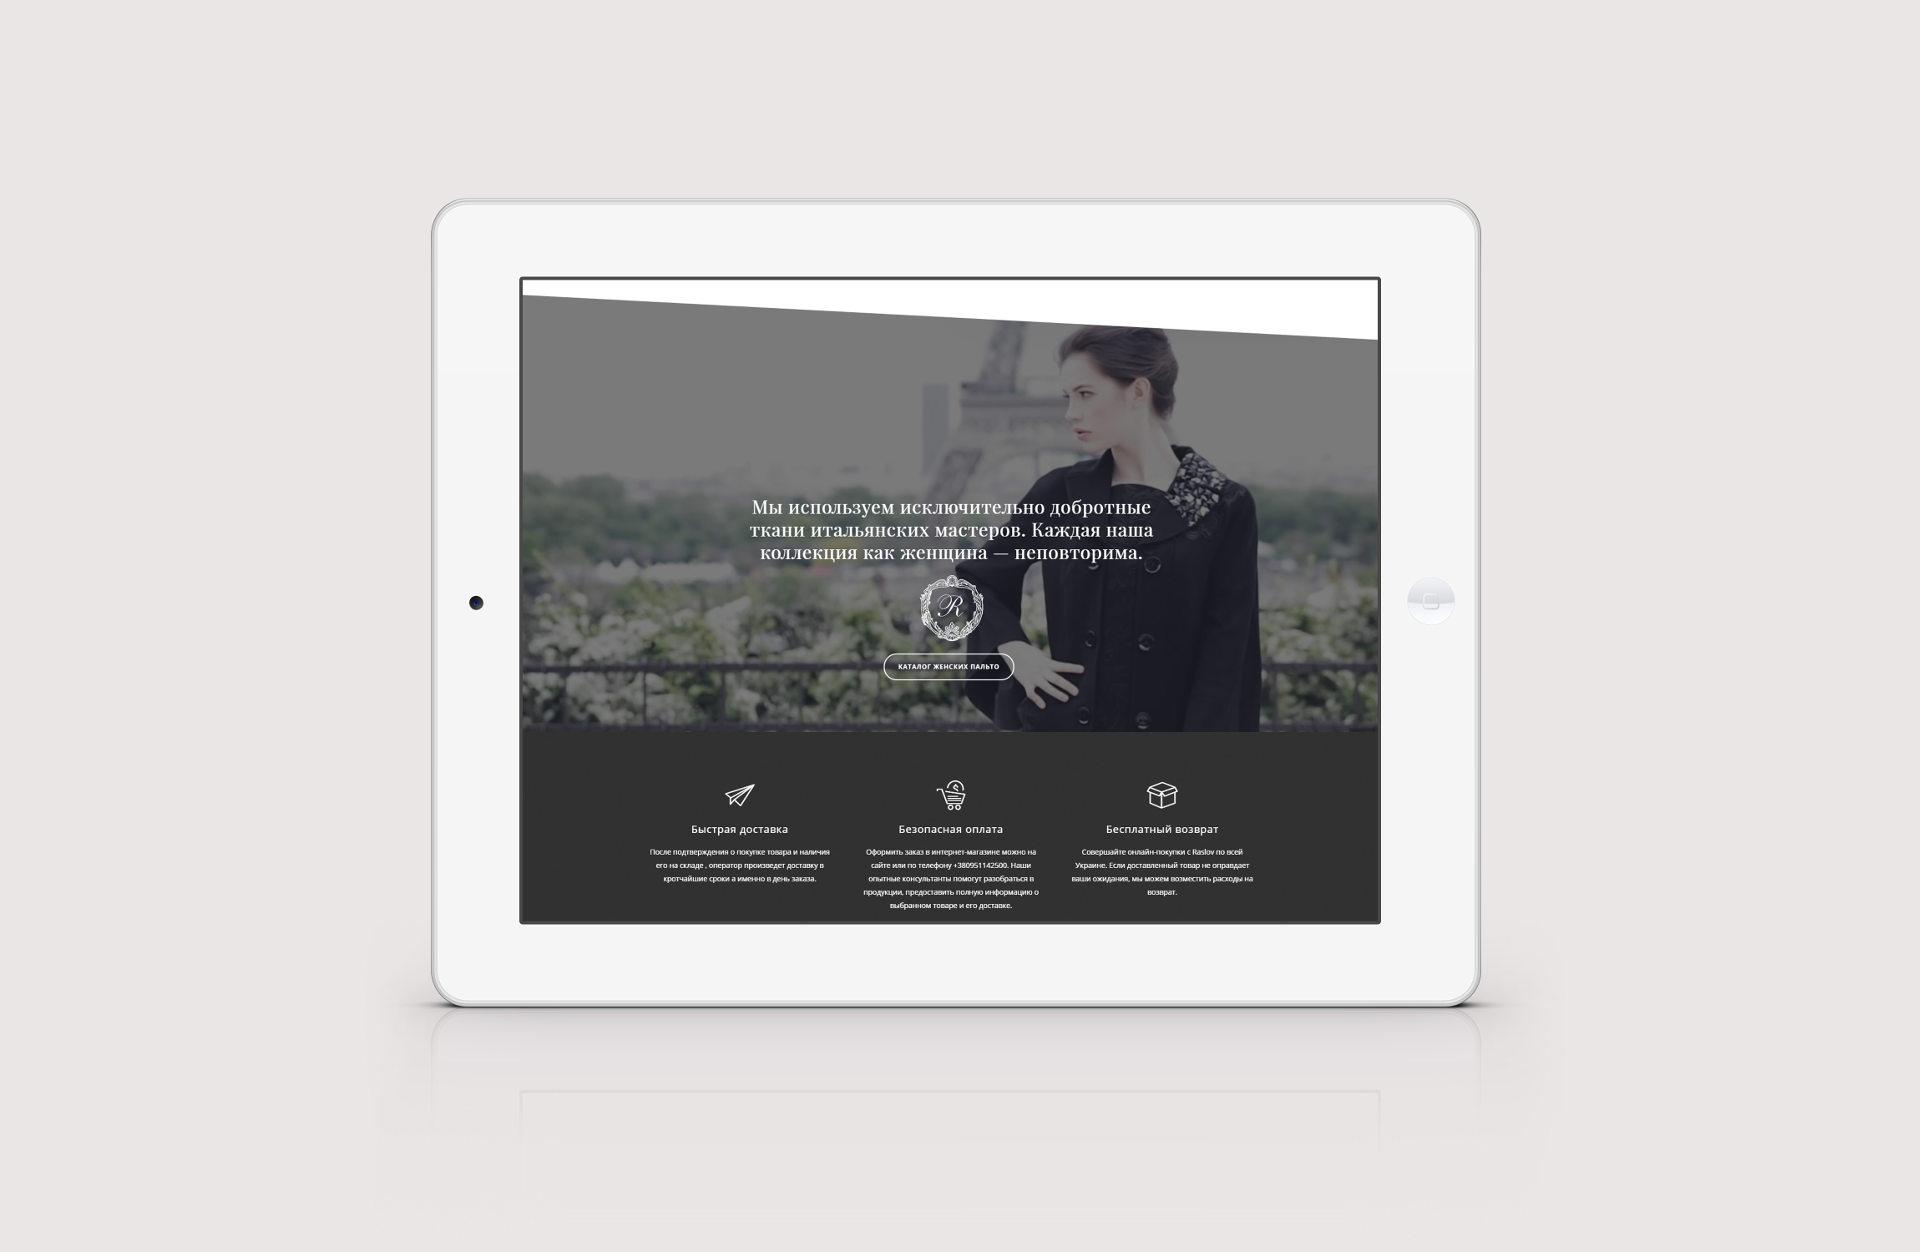 Дизайн сайта для дизайнера одежды